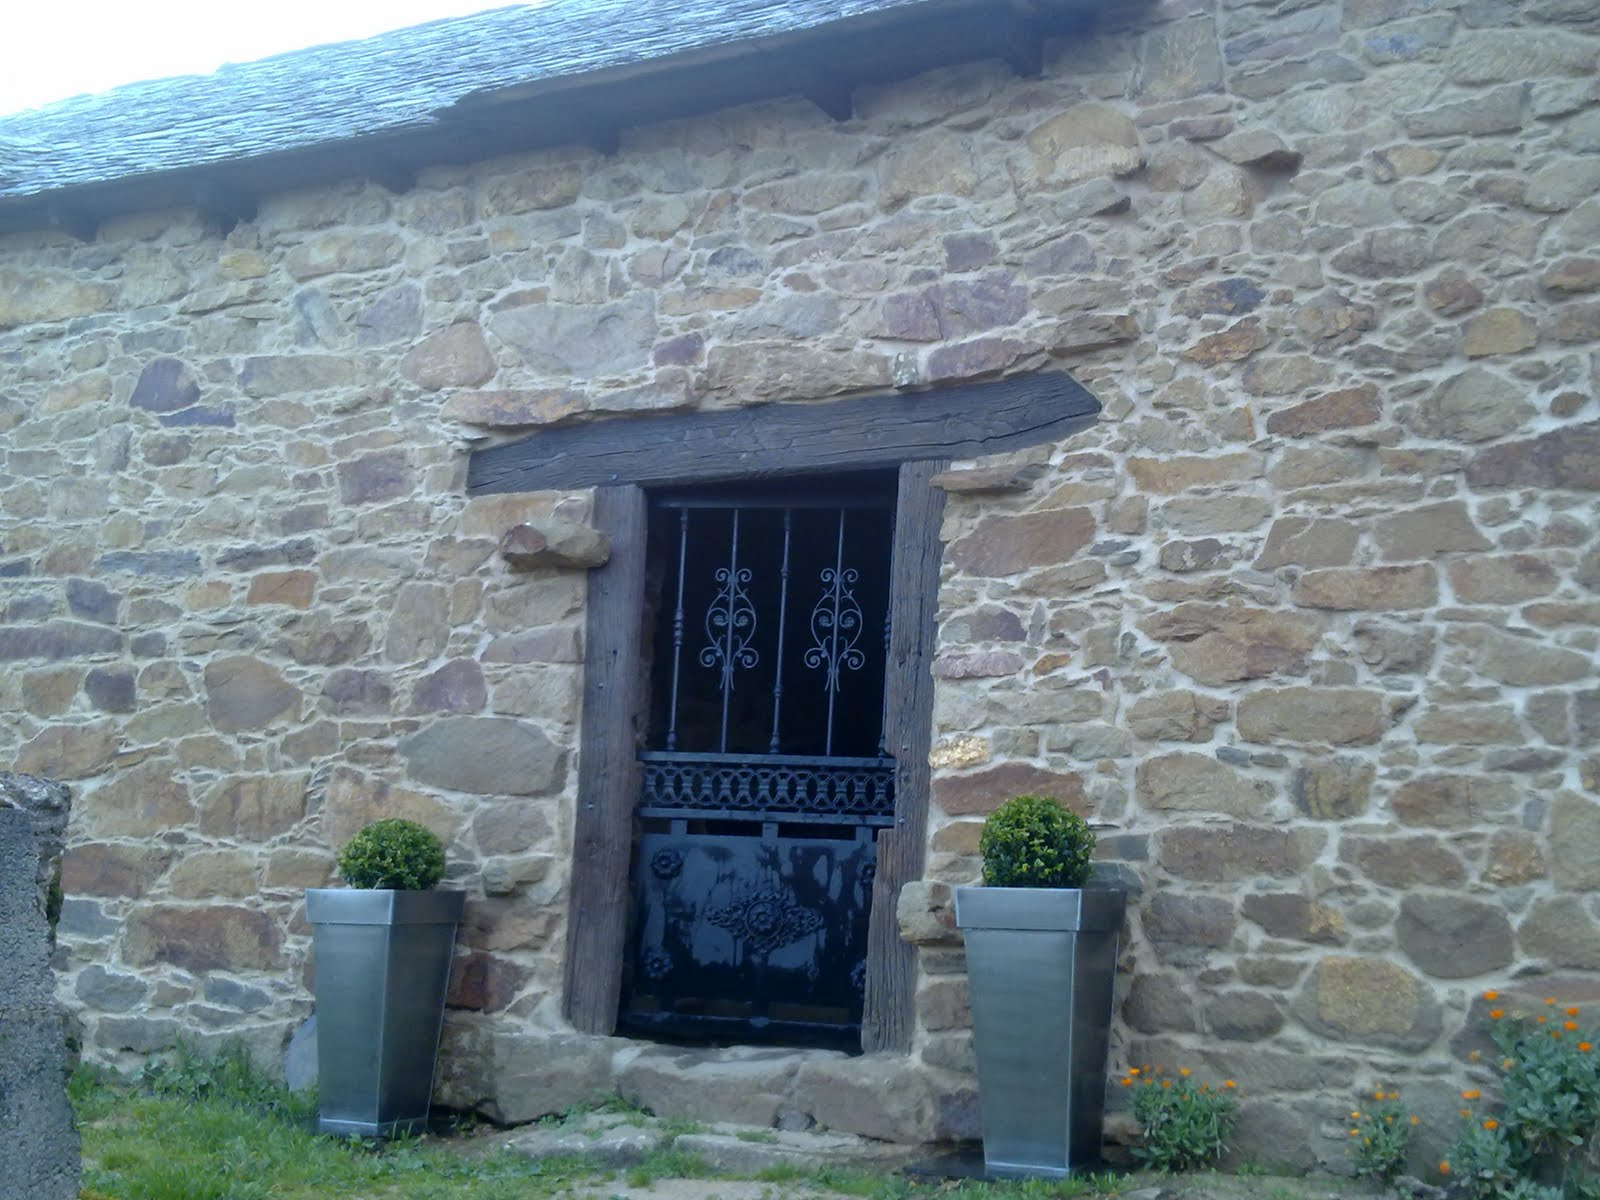 Casas completas galicia alquiler de vacaciones casa completa en el bierzo - Alquiler de casas vacaciones ...